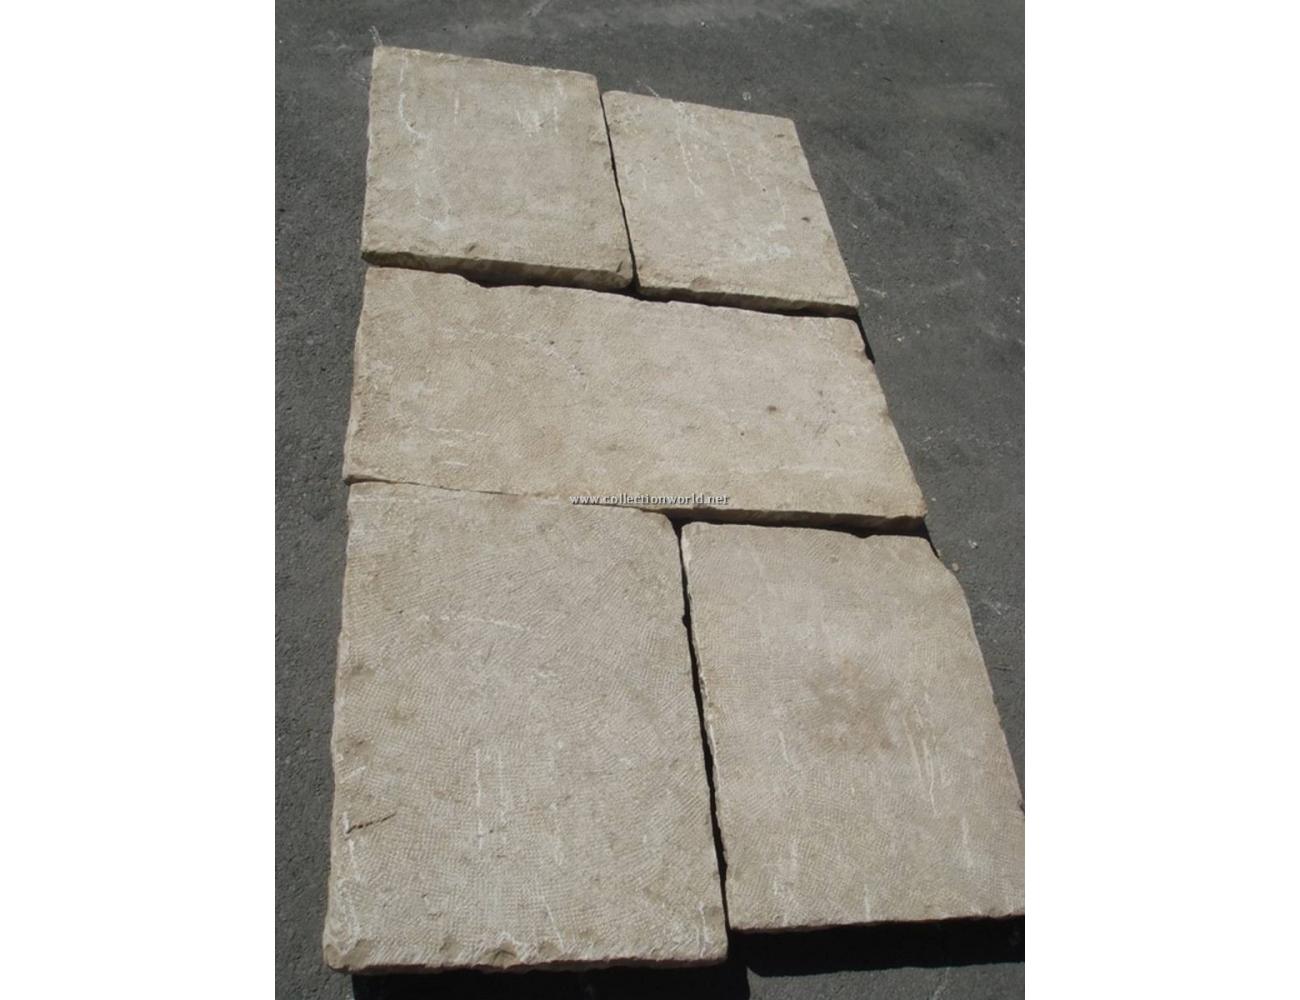 Metros cuadrados de suelo de piedra imitaci n antiguo - Suelo de piedra ...